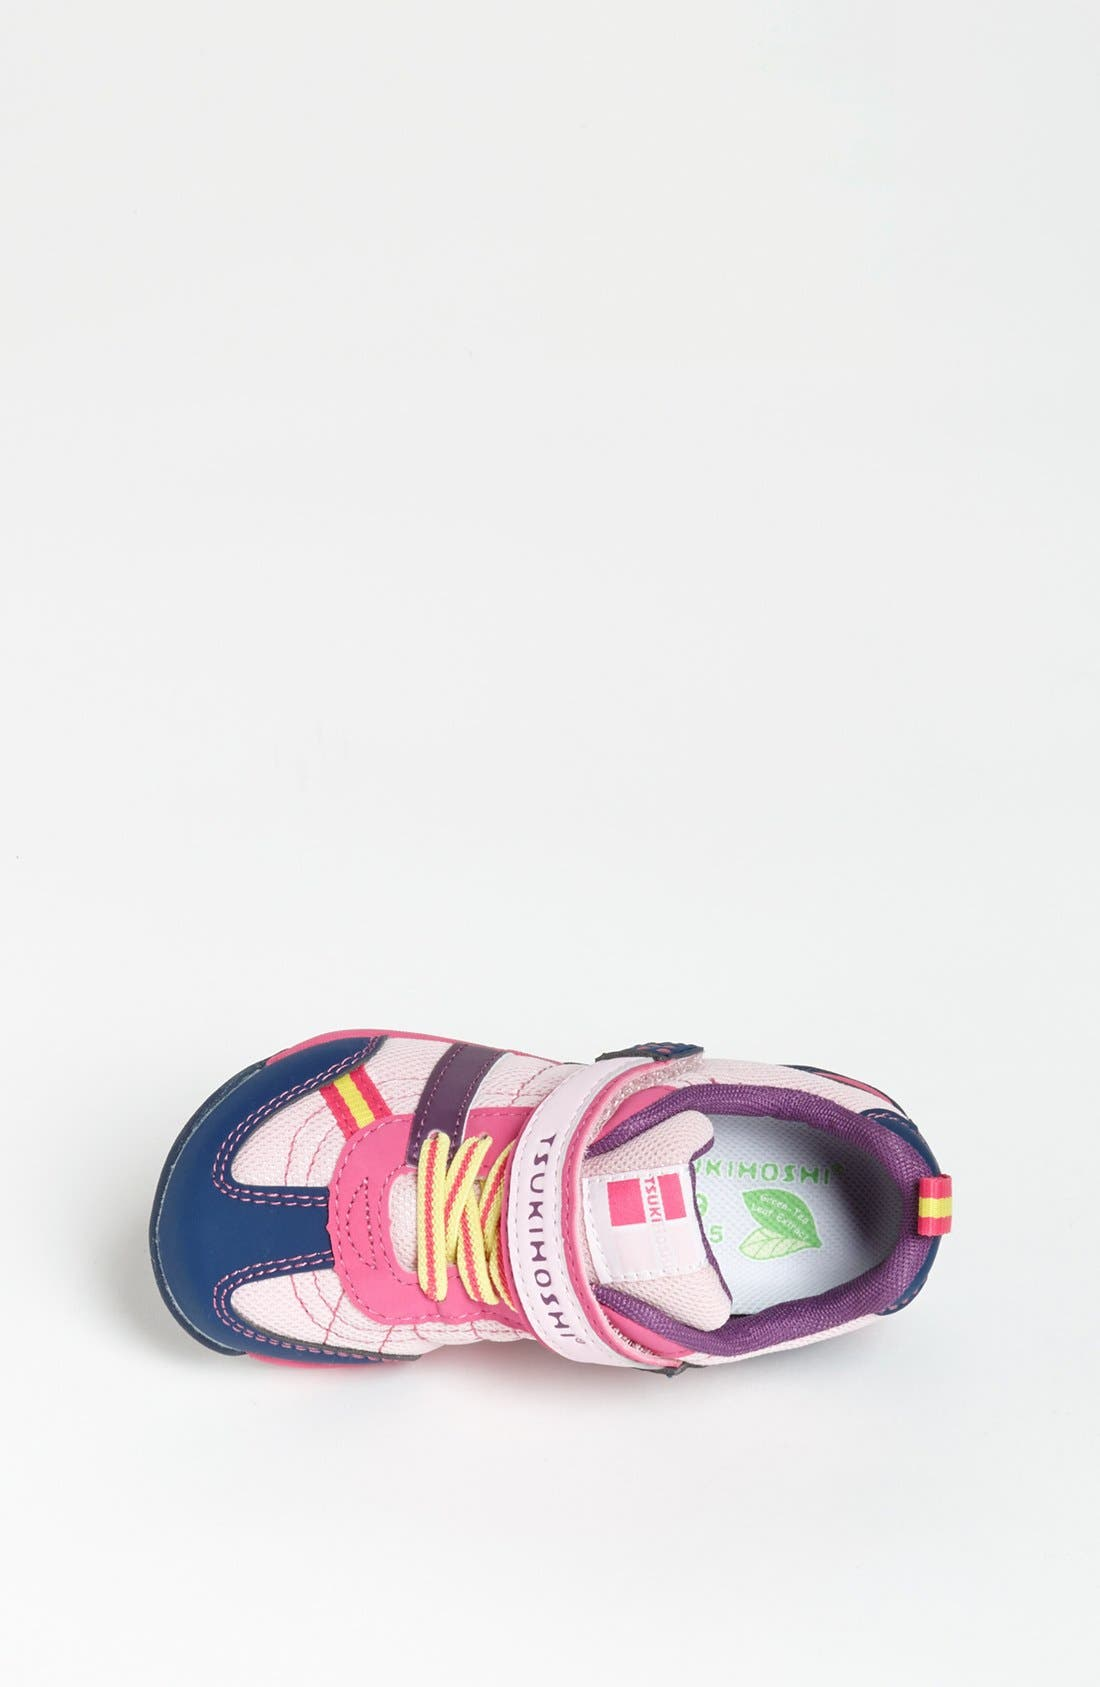 Alternate Image 3  - Tsukihoshi 'Child 21' Sneaker (Toddler)